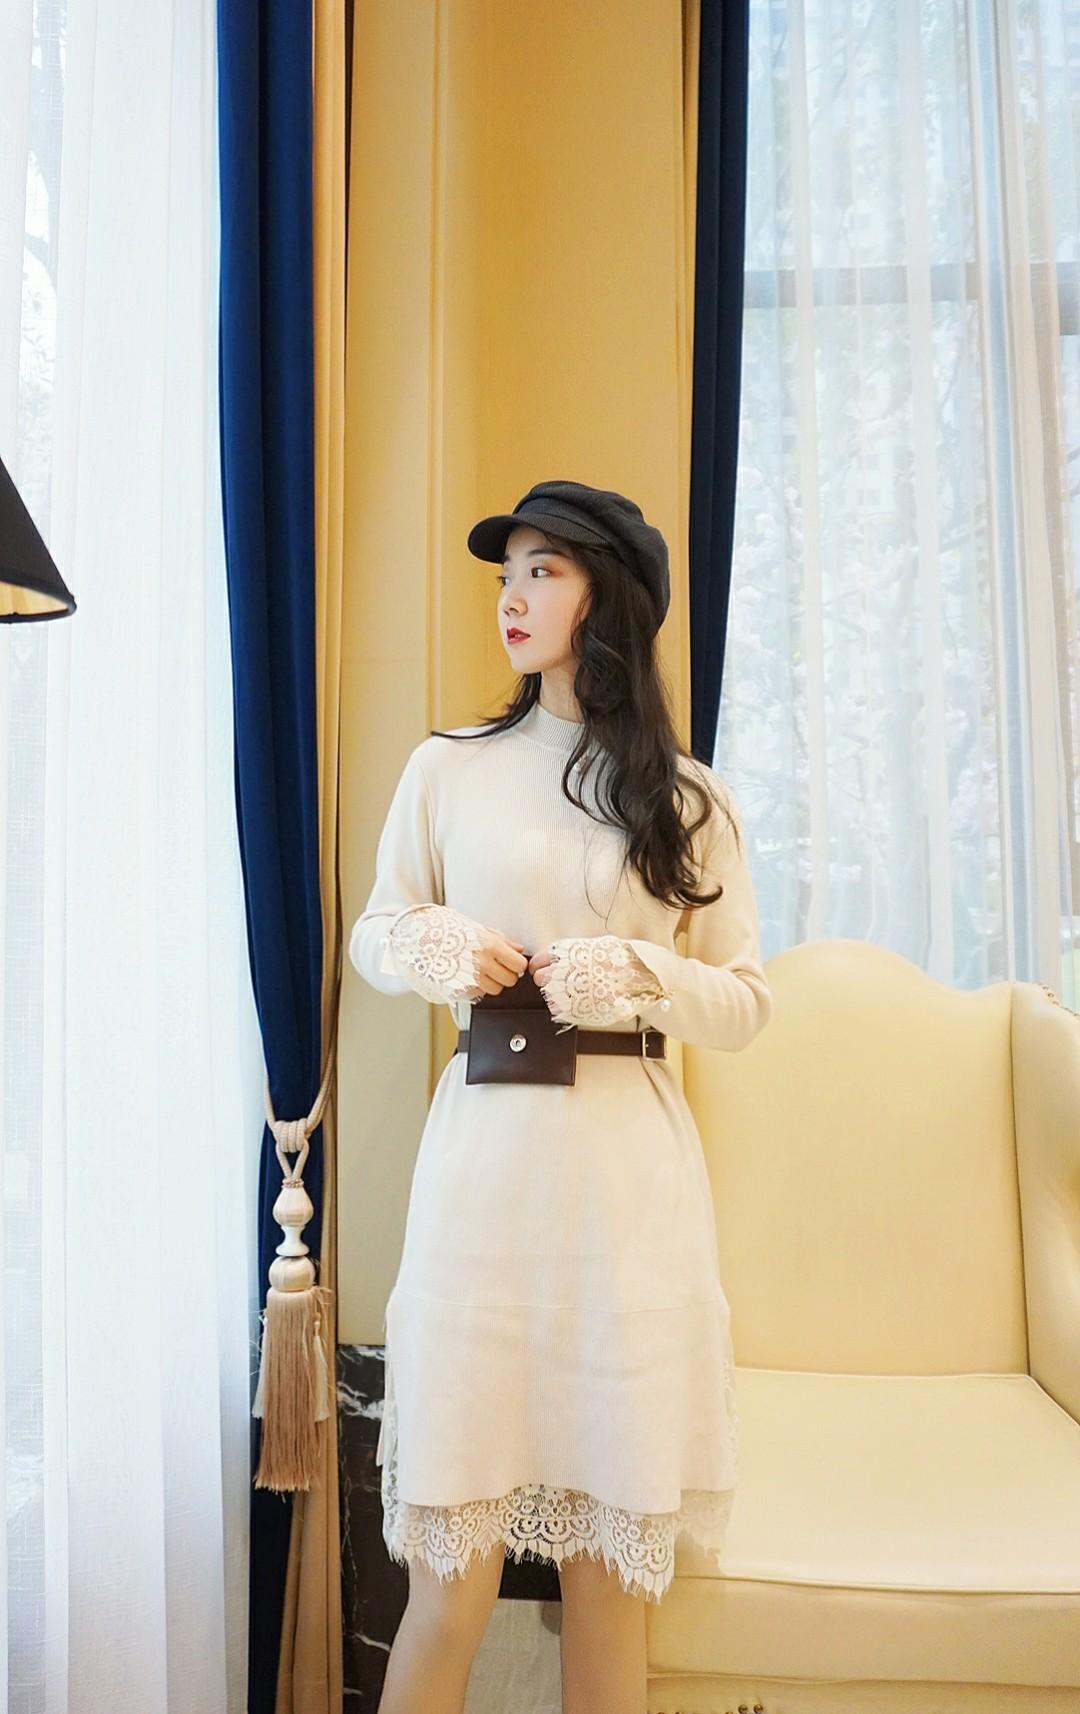 《小香风蕾丝裙》一款奶白色优雅小香风蕾丝裙,精致的领口和袖口设计,平整下摆蕾丝边很喜欢,配了一款棕色的腰包更加方便~#双十二身材解忧室#